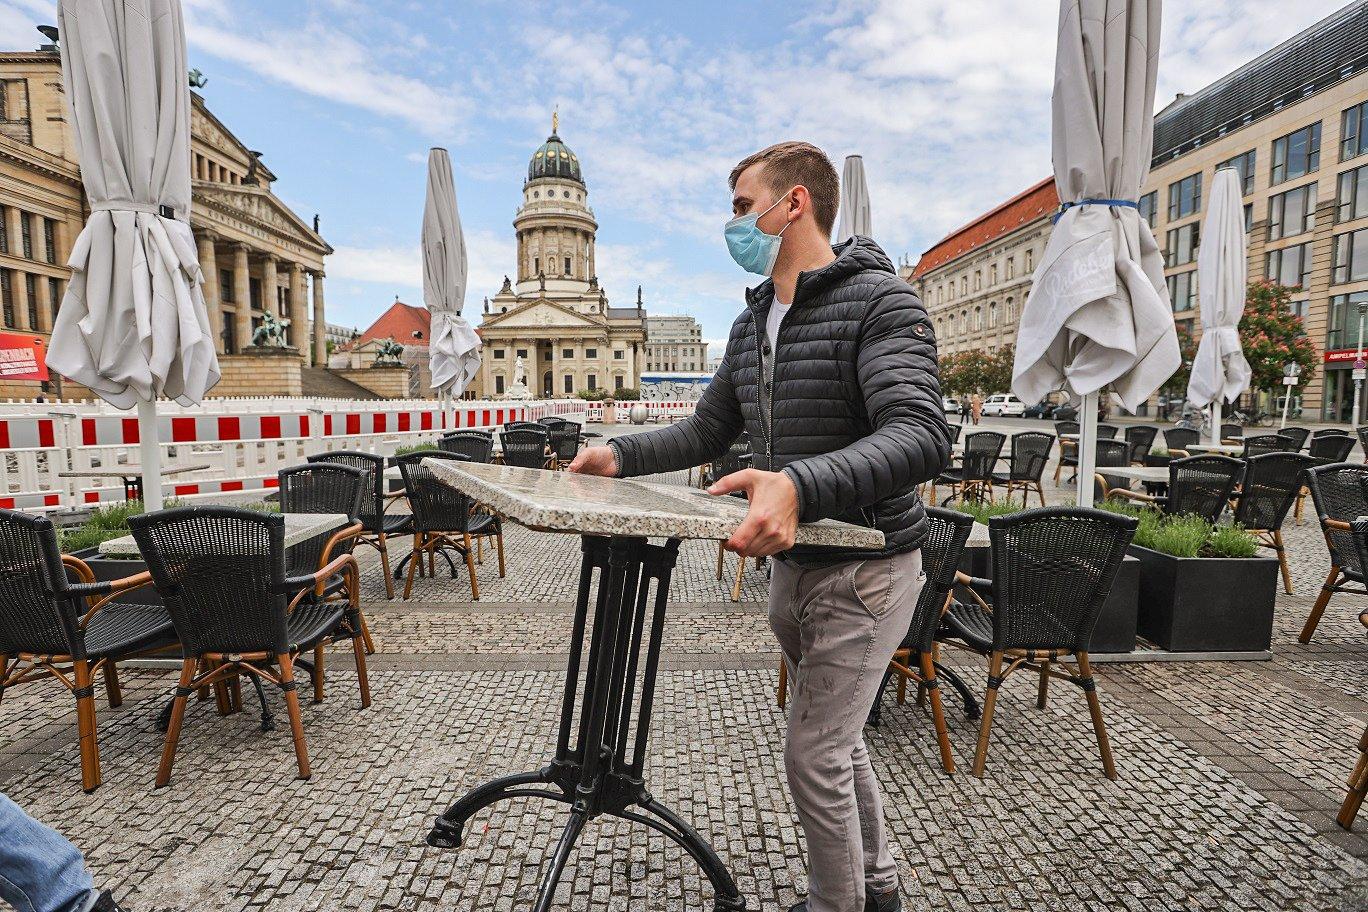 RESTAURANTE EM BERLIM: Alemanha começa a retomar a rotina após 177.000 casos de coronavírus / REUTERS/Fabrizio Bensch